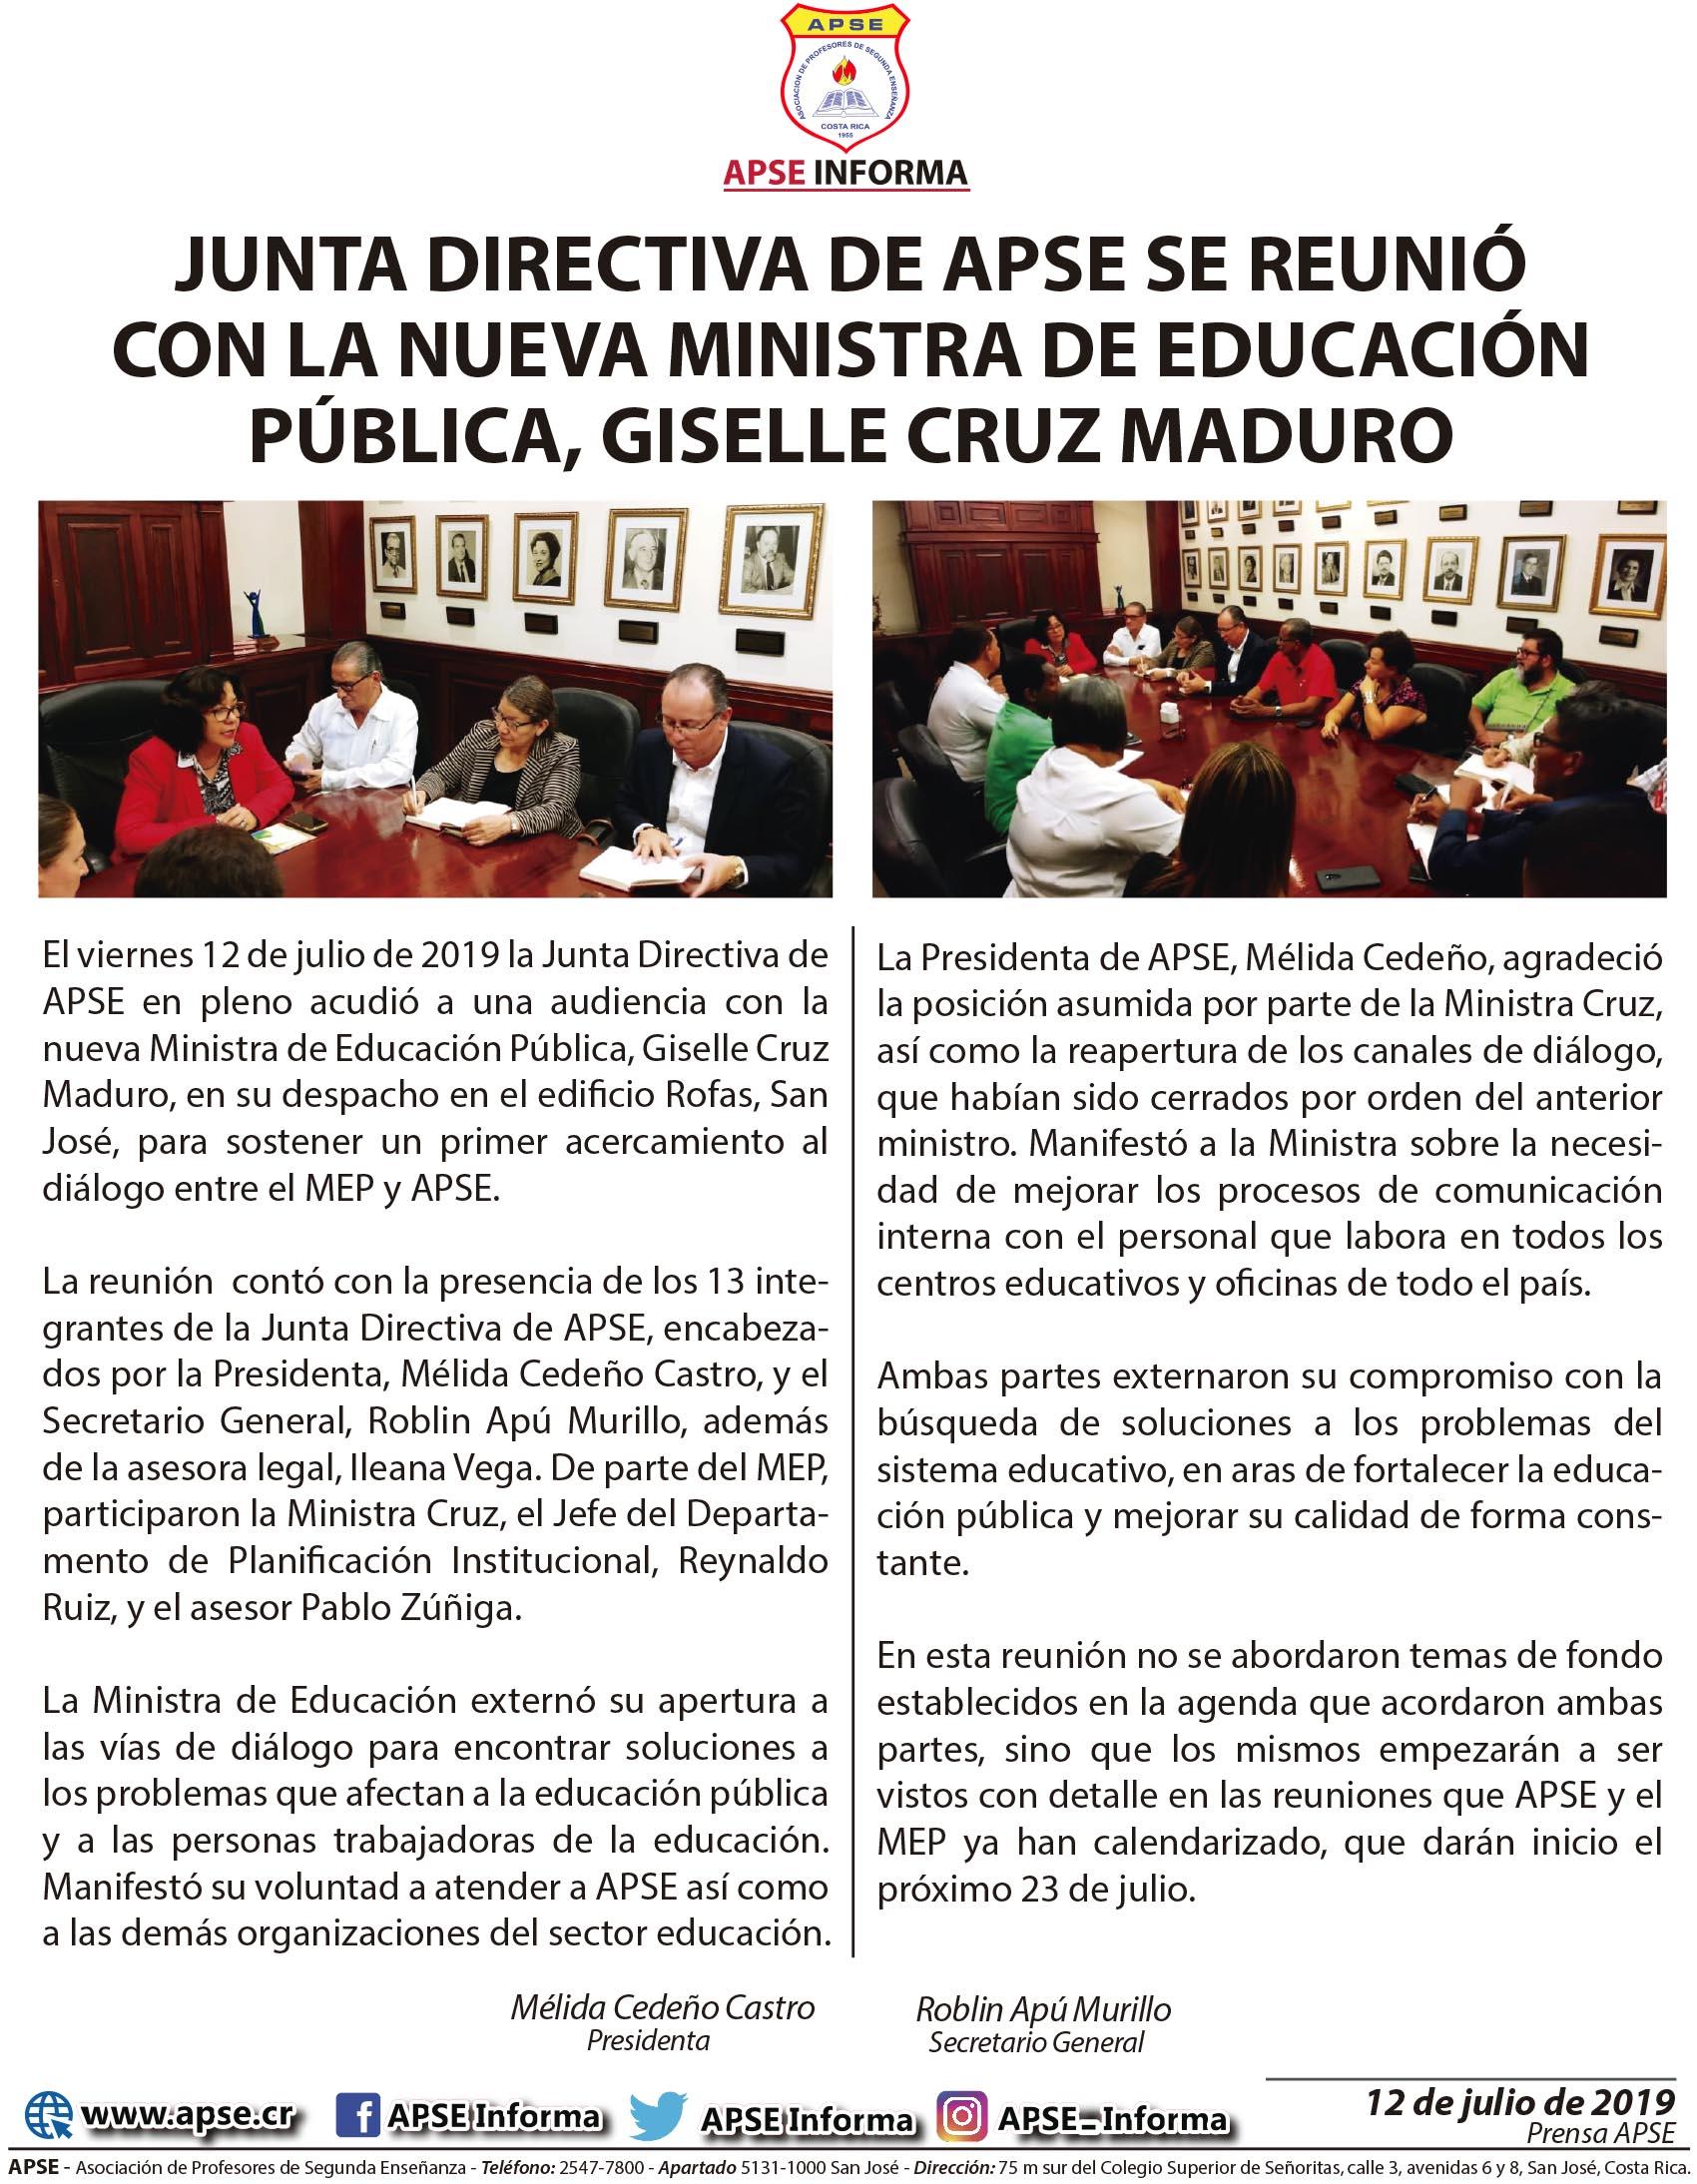 JUNTA DIRECTIVA DE APSE SE REUNIÓ CON LA NUEVA MINISTRA DE EDUCACIÓN PÚBLICA, GISELLE CRUZ MADURO